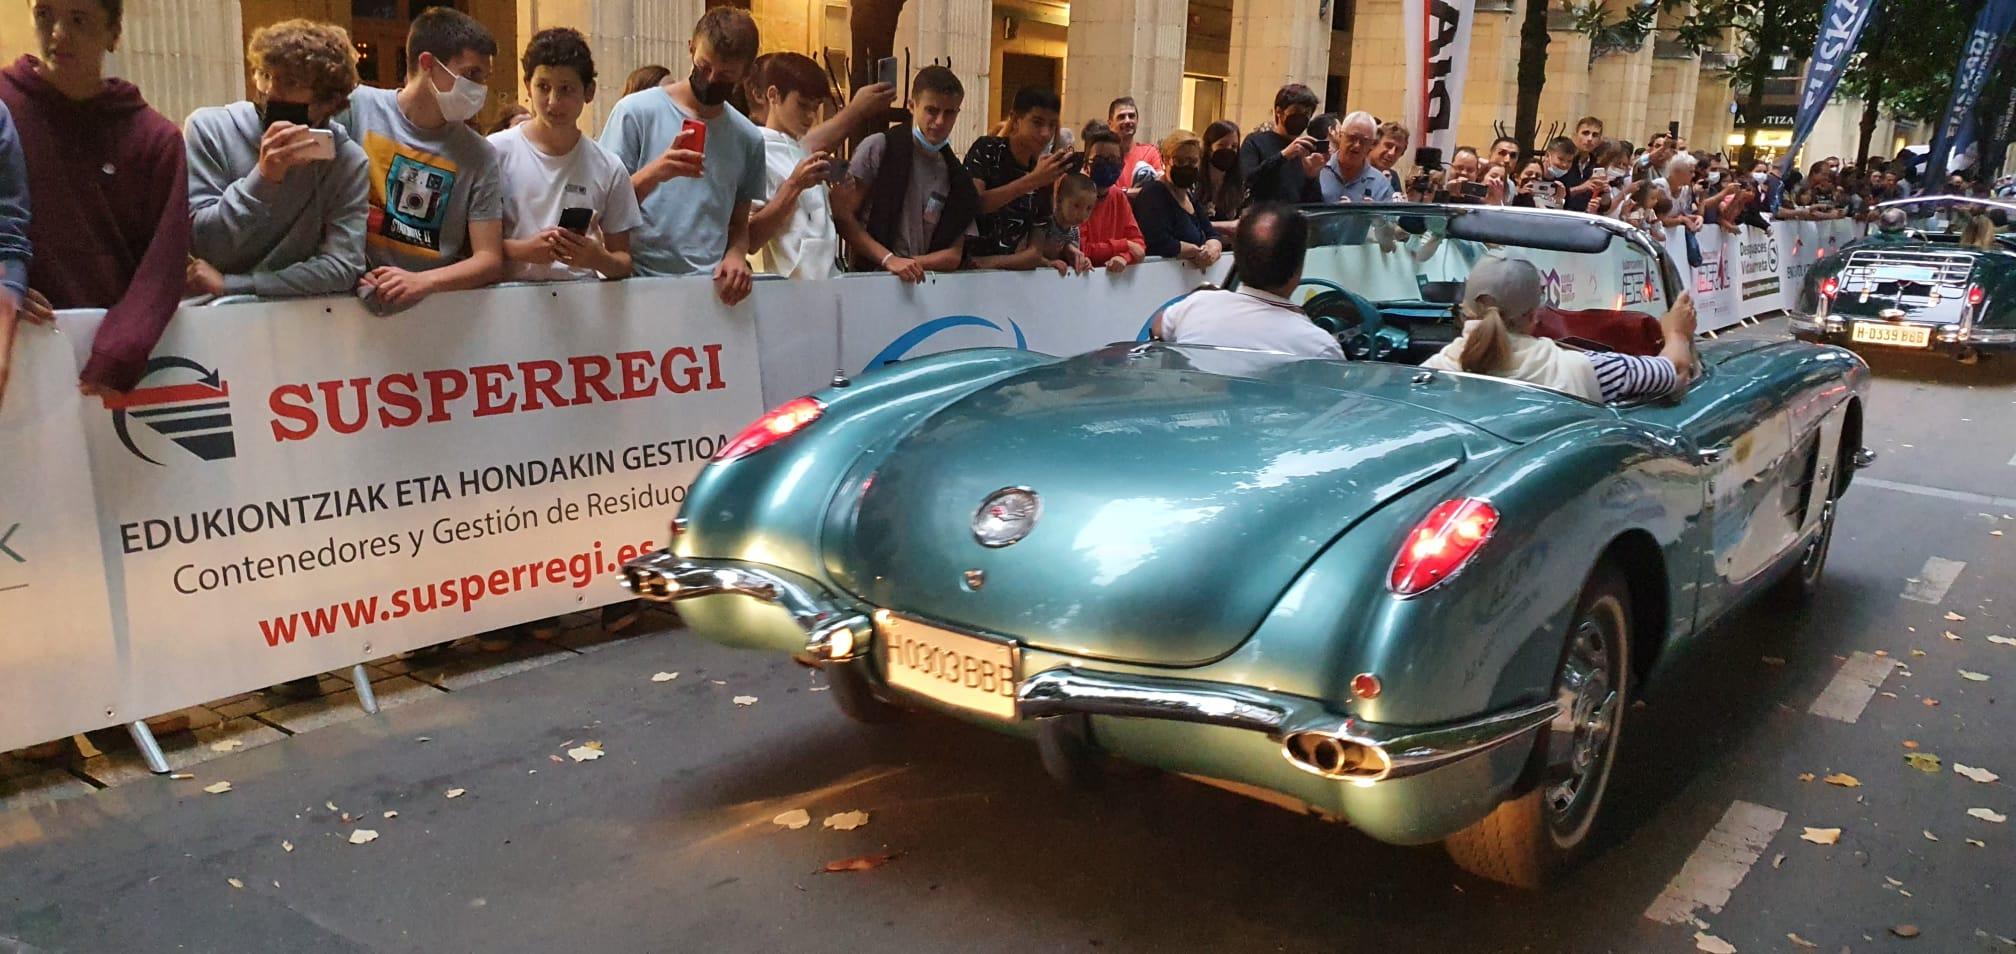 Alonso10 - Los coches con más glamour se han visto en Gipuzkoa